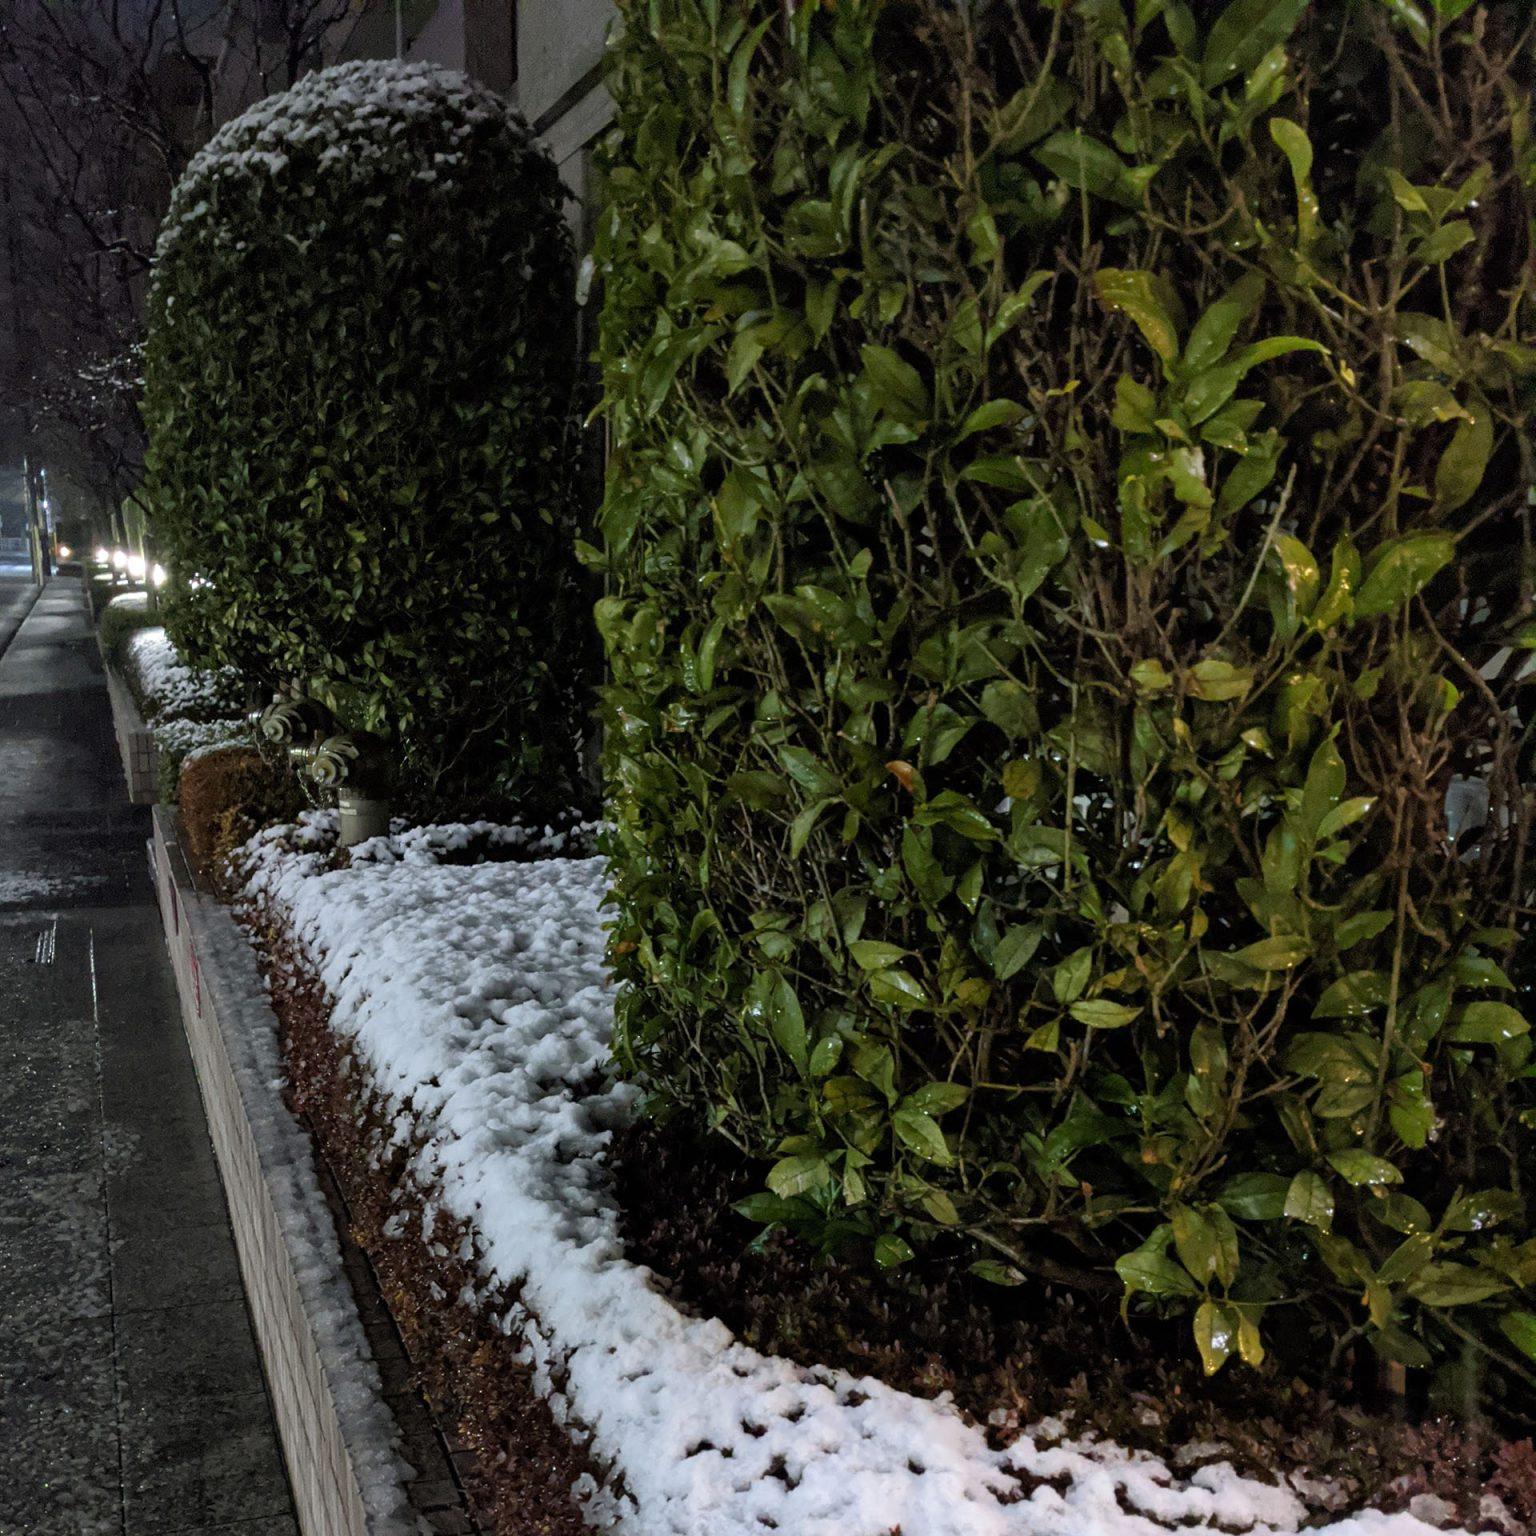 雪降る夜景を撮影してみた